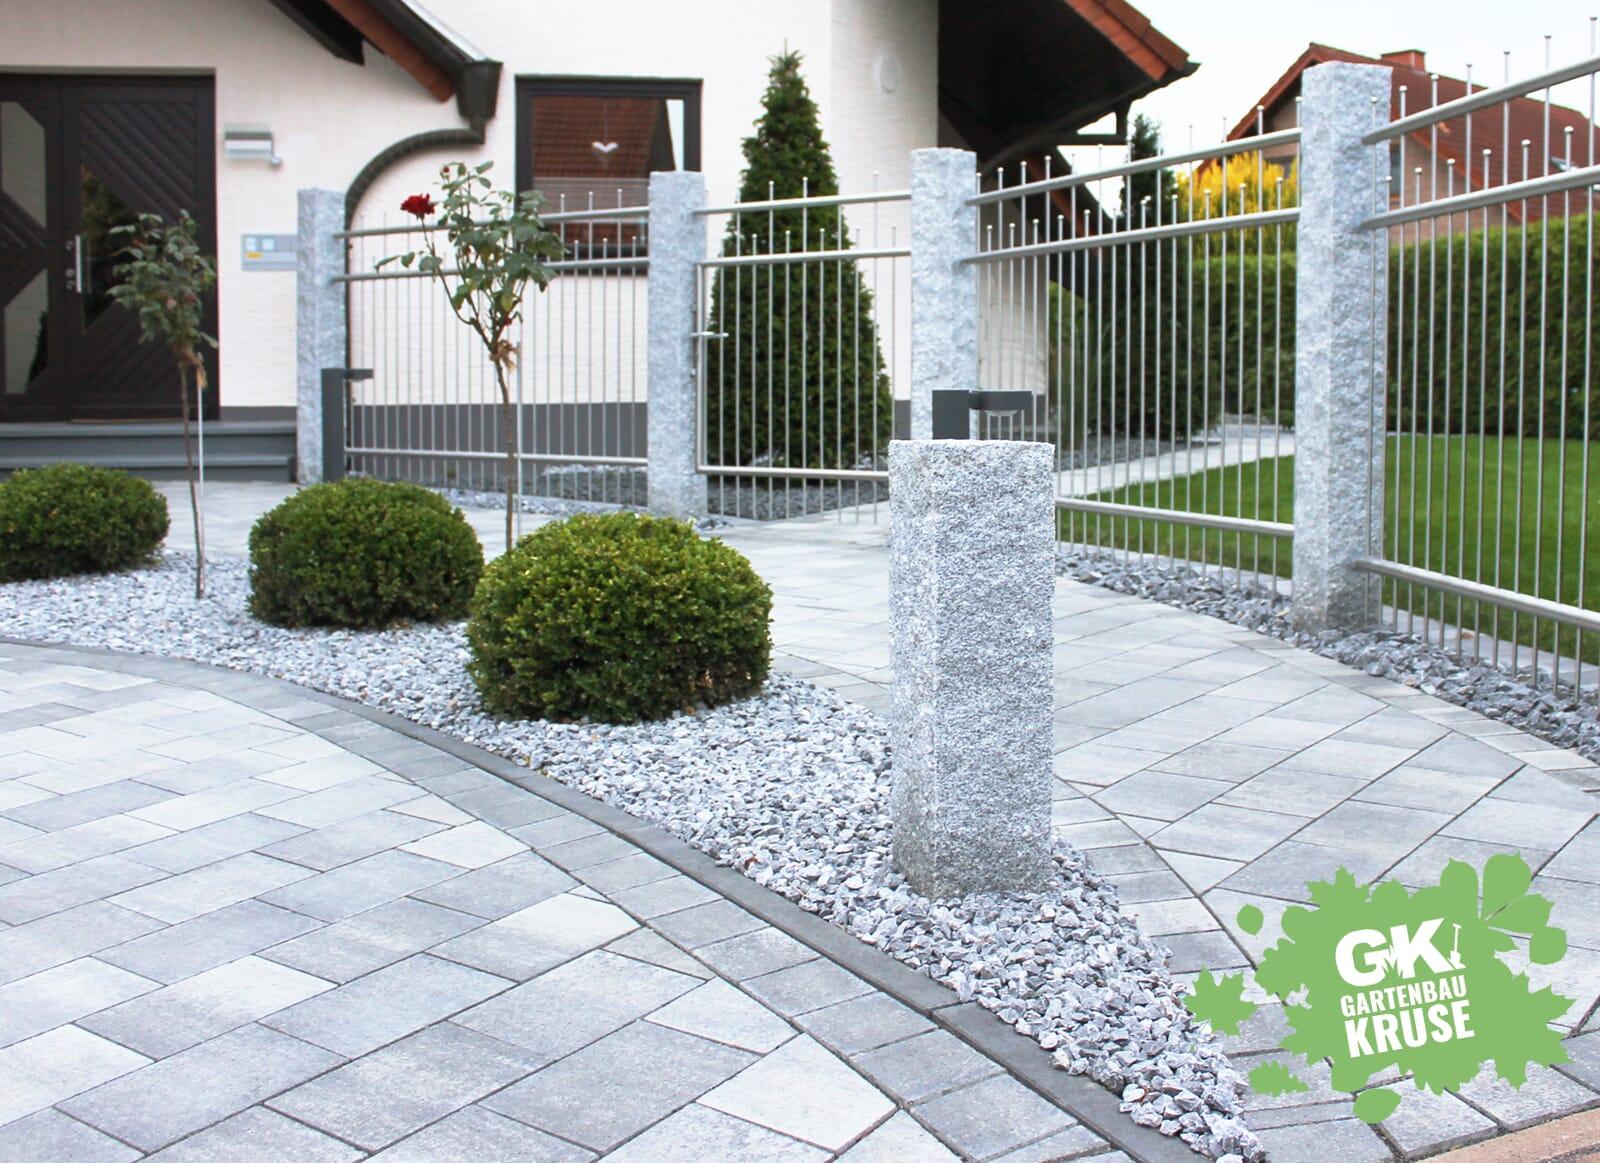 Garten Und Landschaftsbau Paderborn gartenbau kruse paderborn garten neu umbau poolbau spielplätze